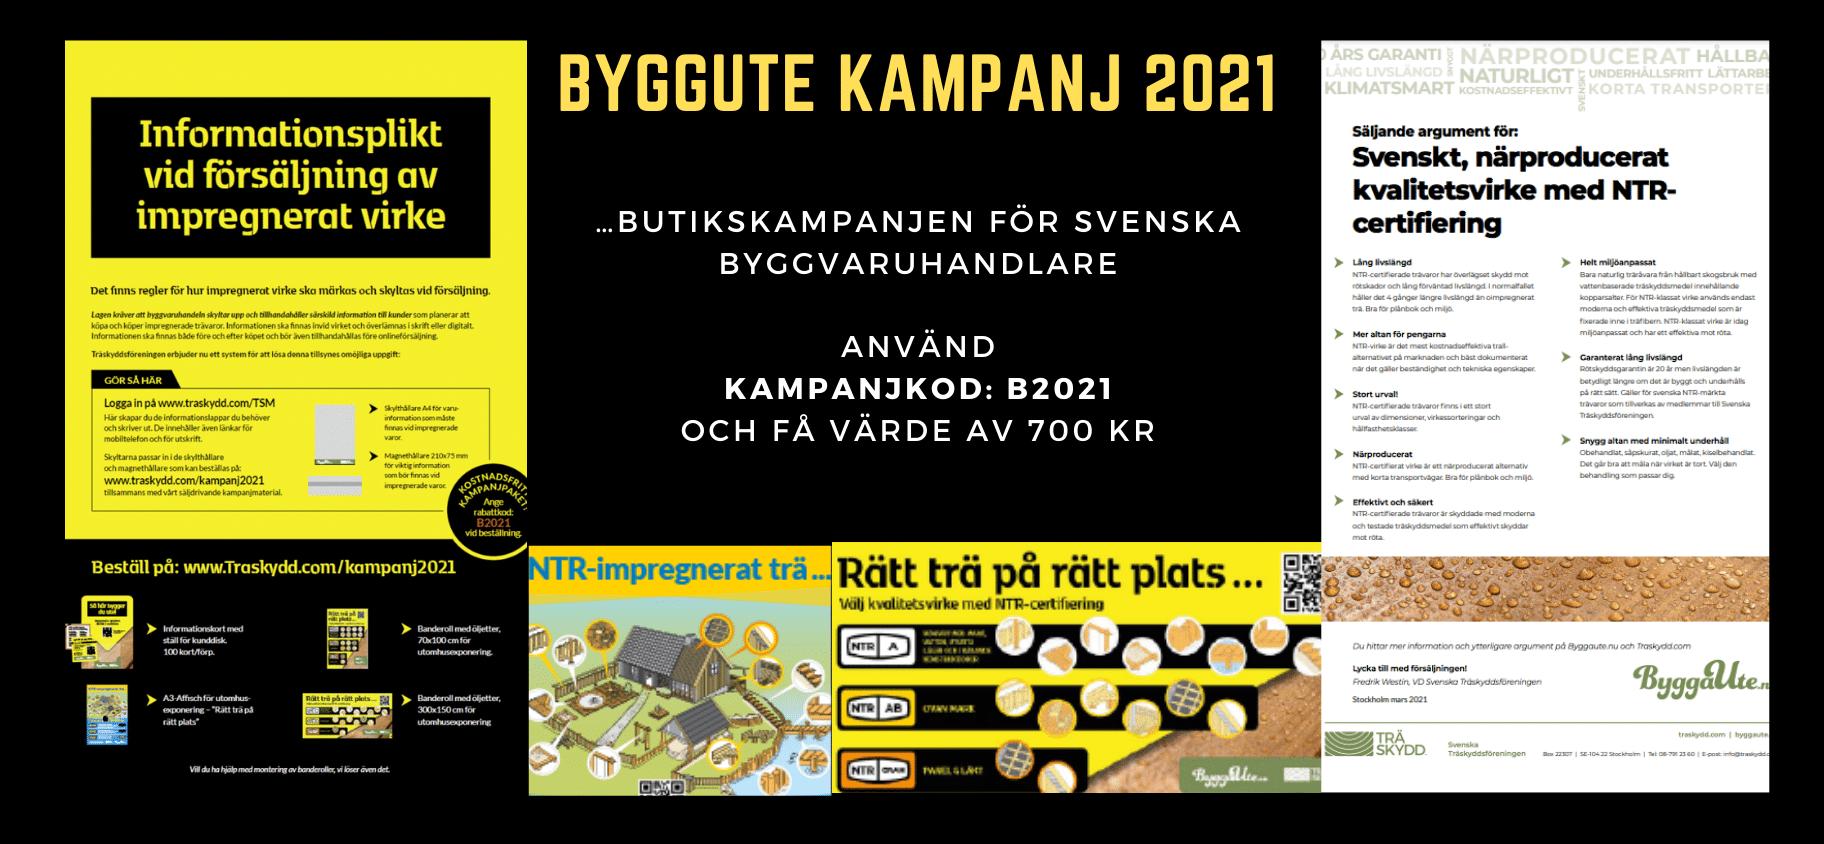 Påminnelse att beställa ByggaUte-kampanjen